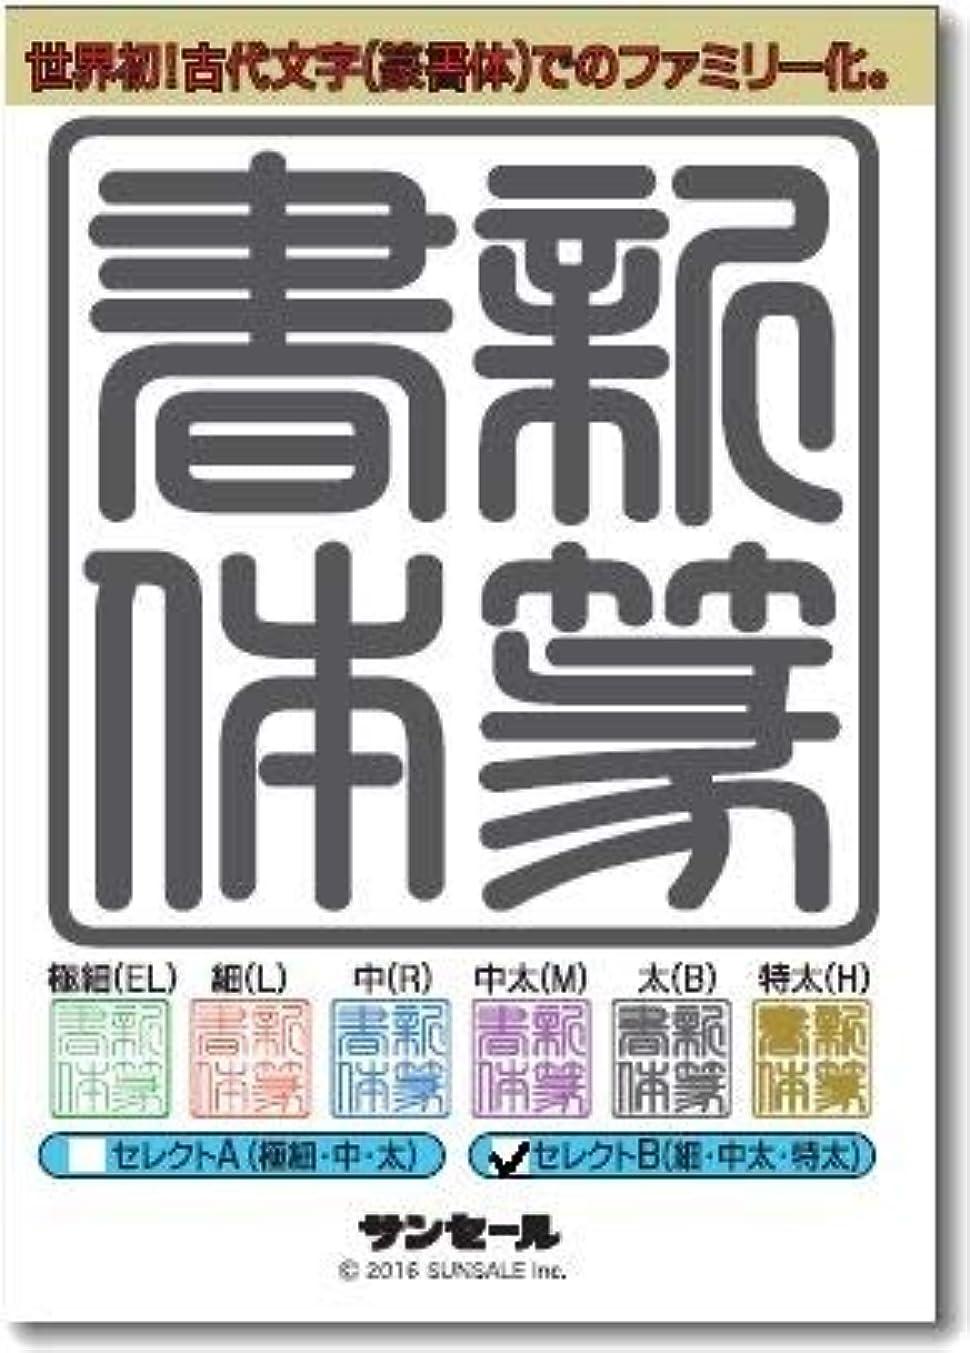 見る人チョップ等新篆書体セレクトB(3書体) 細(L)?中太(M?特太H)/TrueType Hybrid   PC/Mac